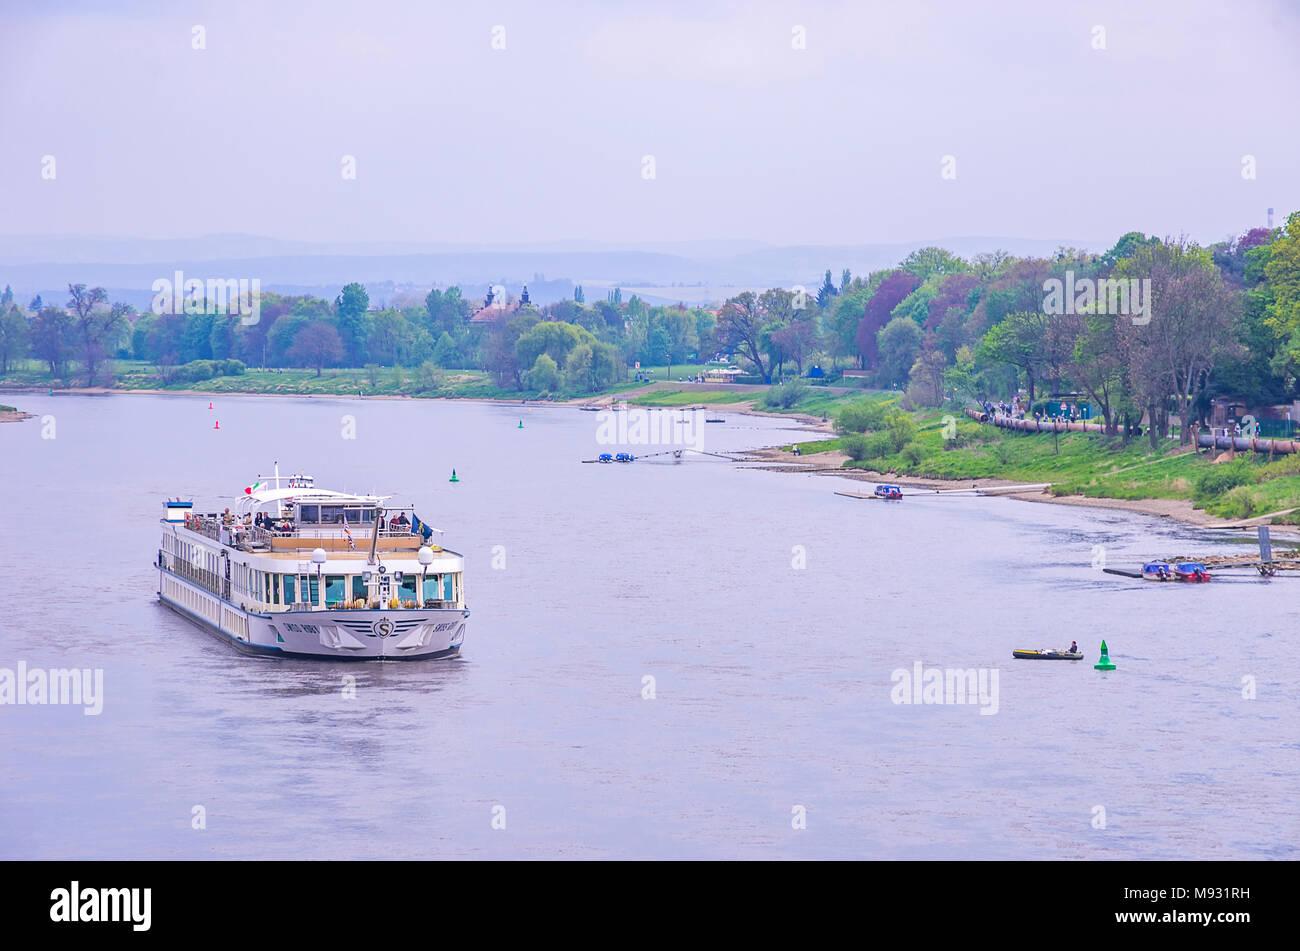 Der Fluss Kreuzfahrt Schiff MS Swiss Ruby geht unten die Elbe und übergibt die Schiller Garten in Dresden-Blasewitz, Dresden, Sachsen, Deutschland. Stockbild